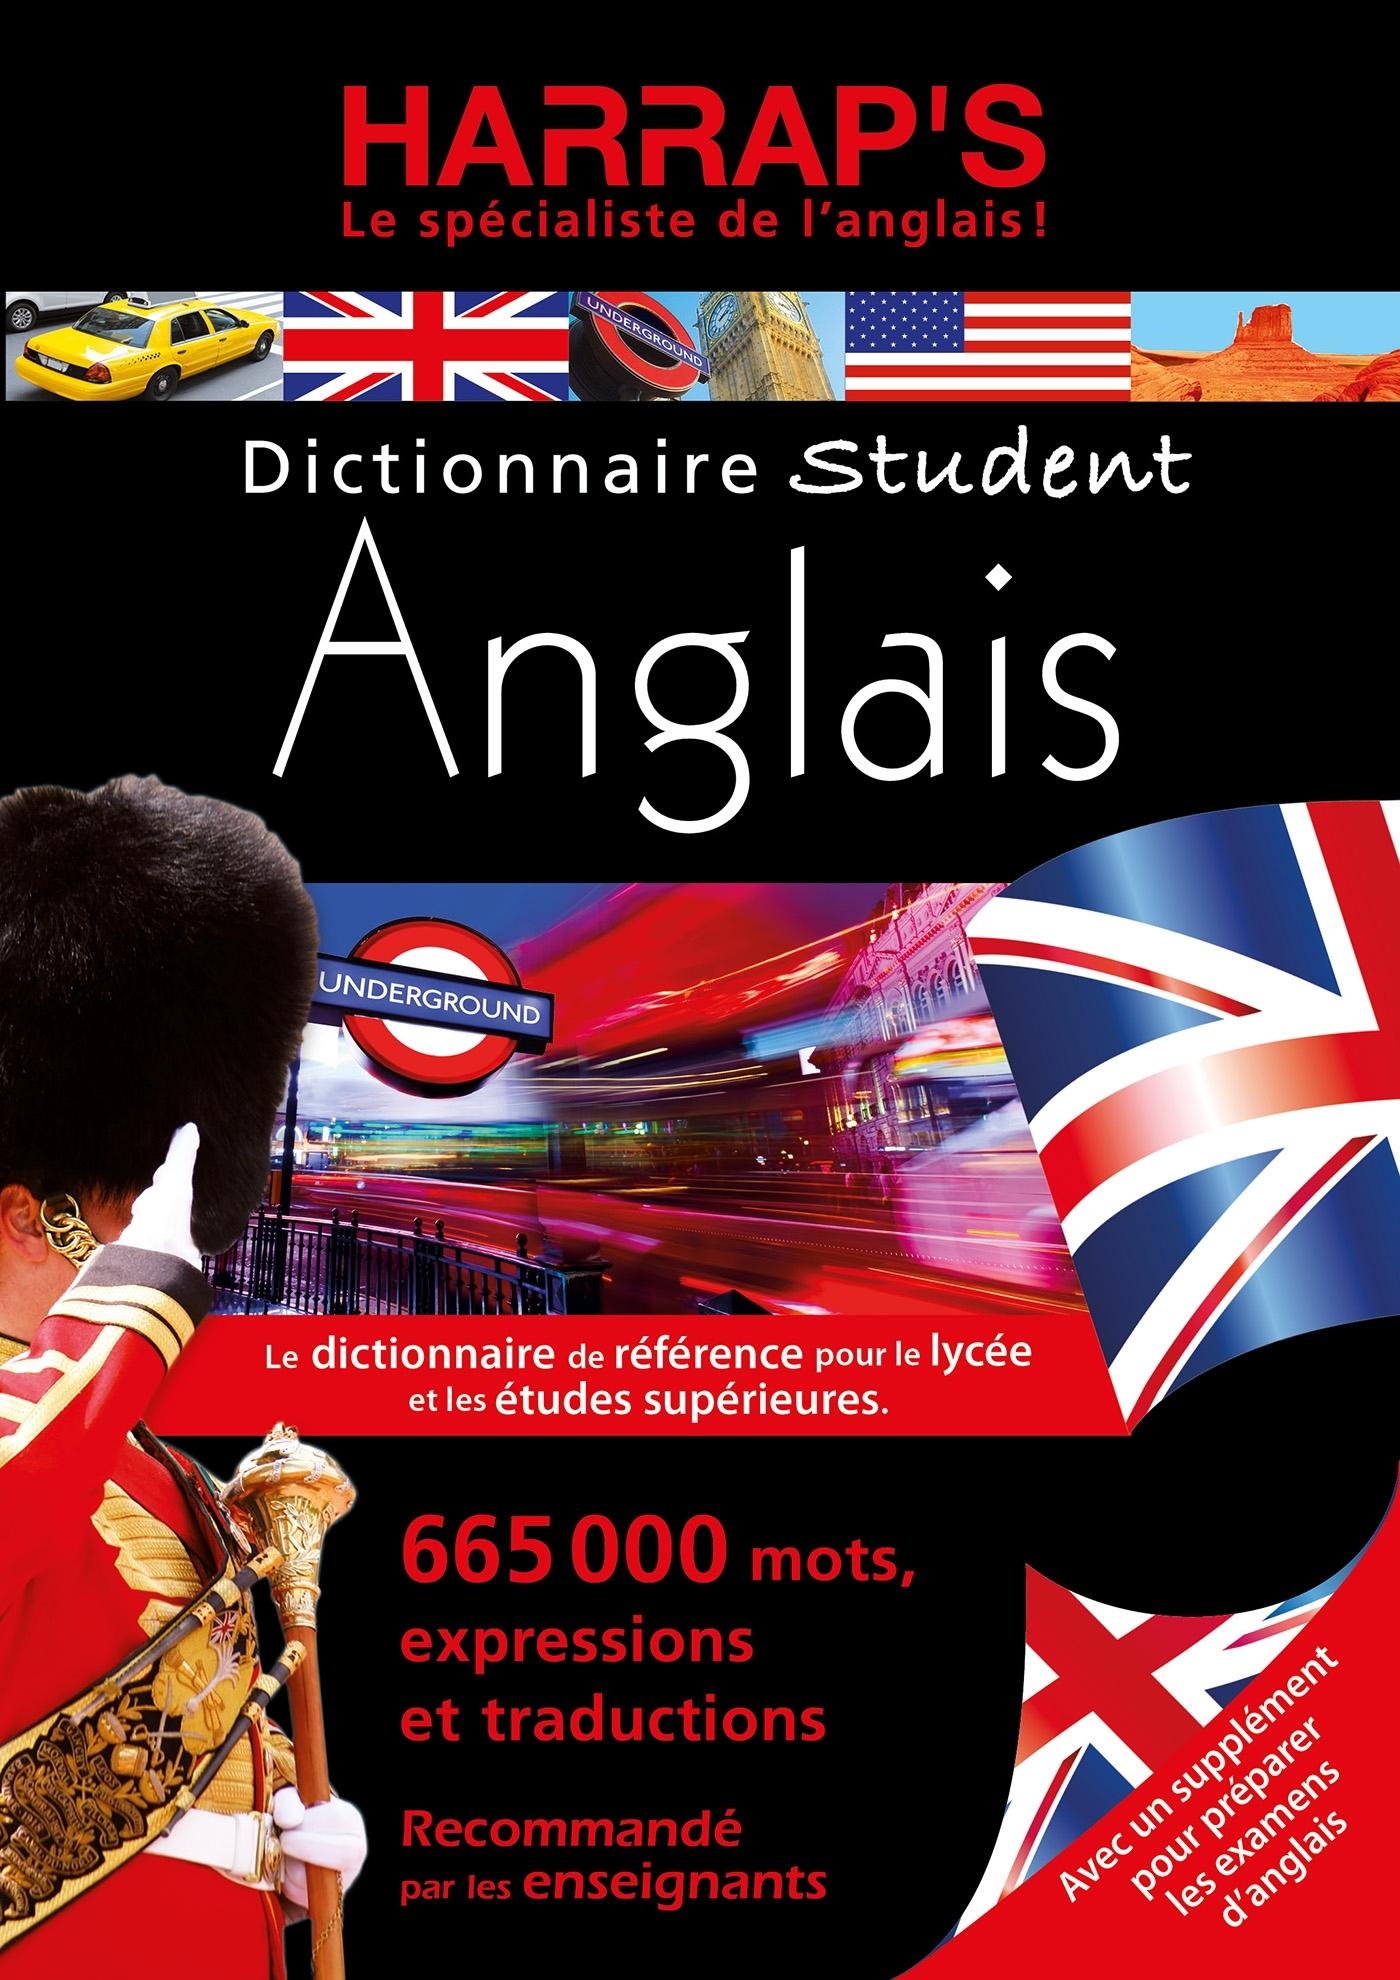 HARRAP'S DICTIONNAIRE STUDENT ANGLAIS